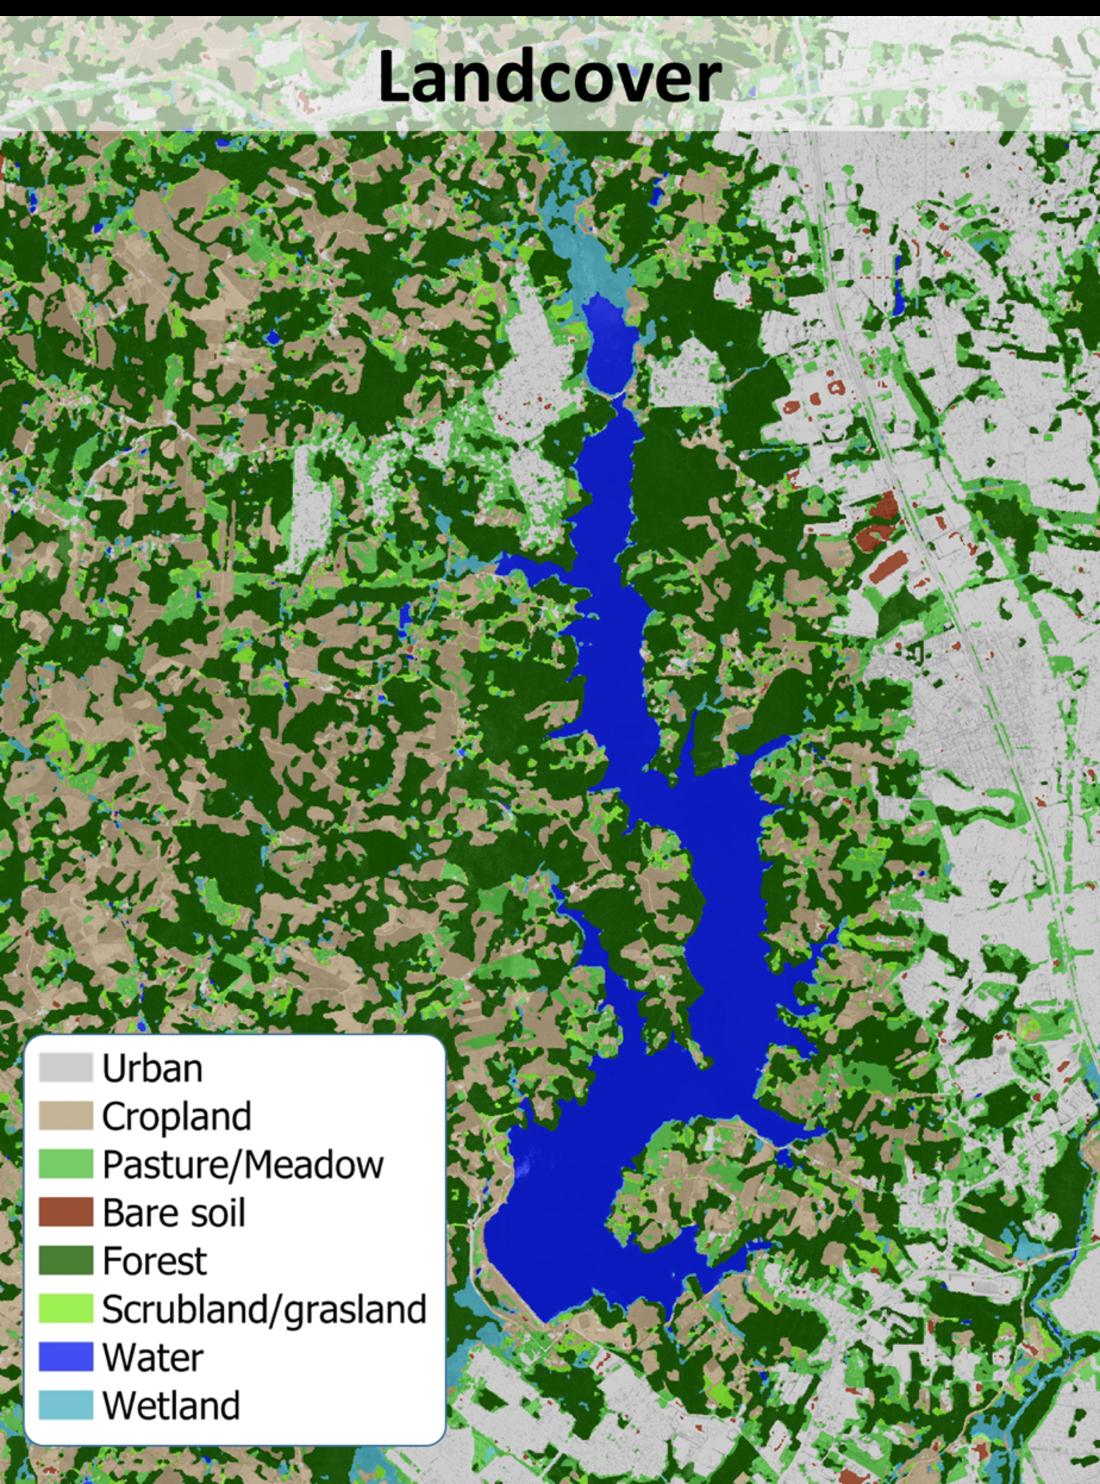 Ergebnis einer Landbedeckungsklassifikation im Bereich des Passauna-Stausees im brasilianischen Bundesstaat Paraná für 2018